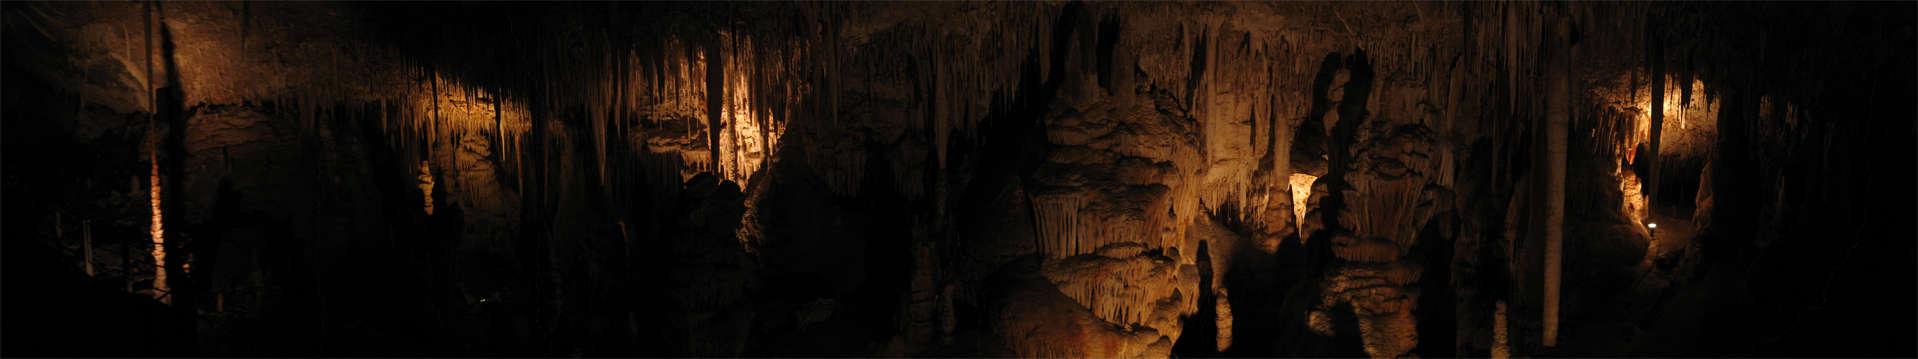 28116 original - Сталактитовая пещера Сорек